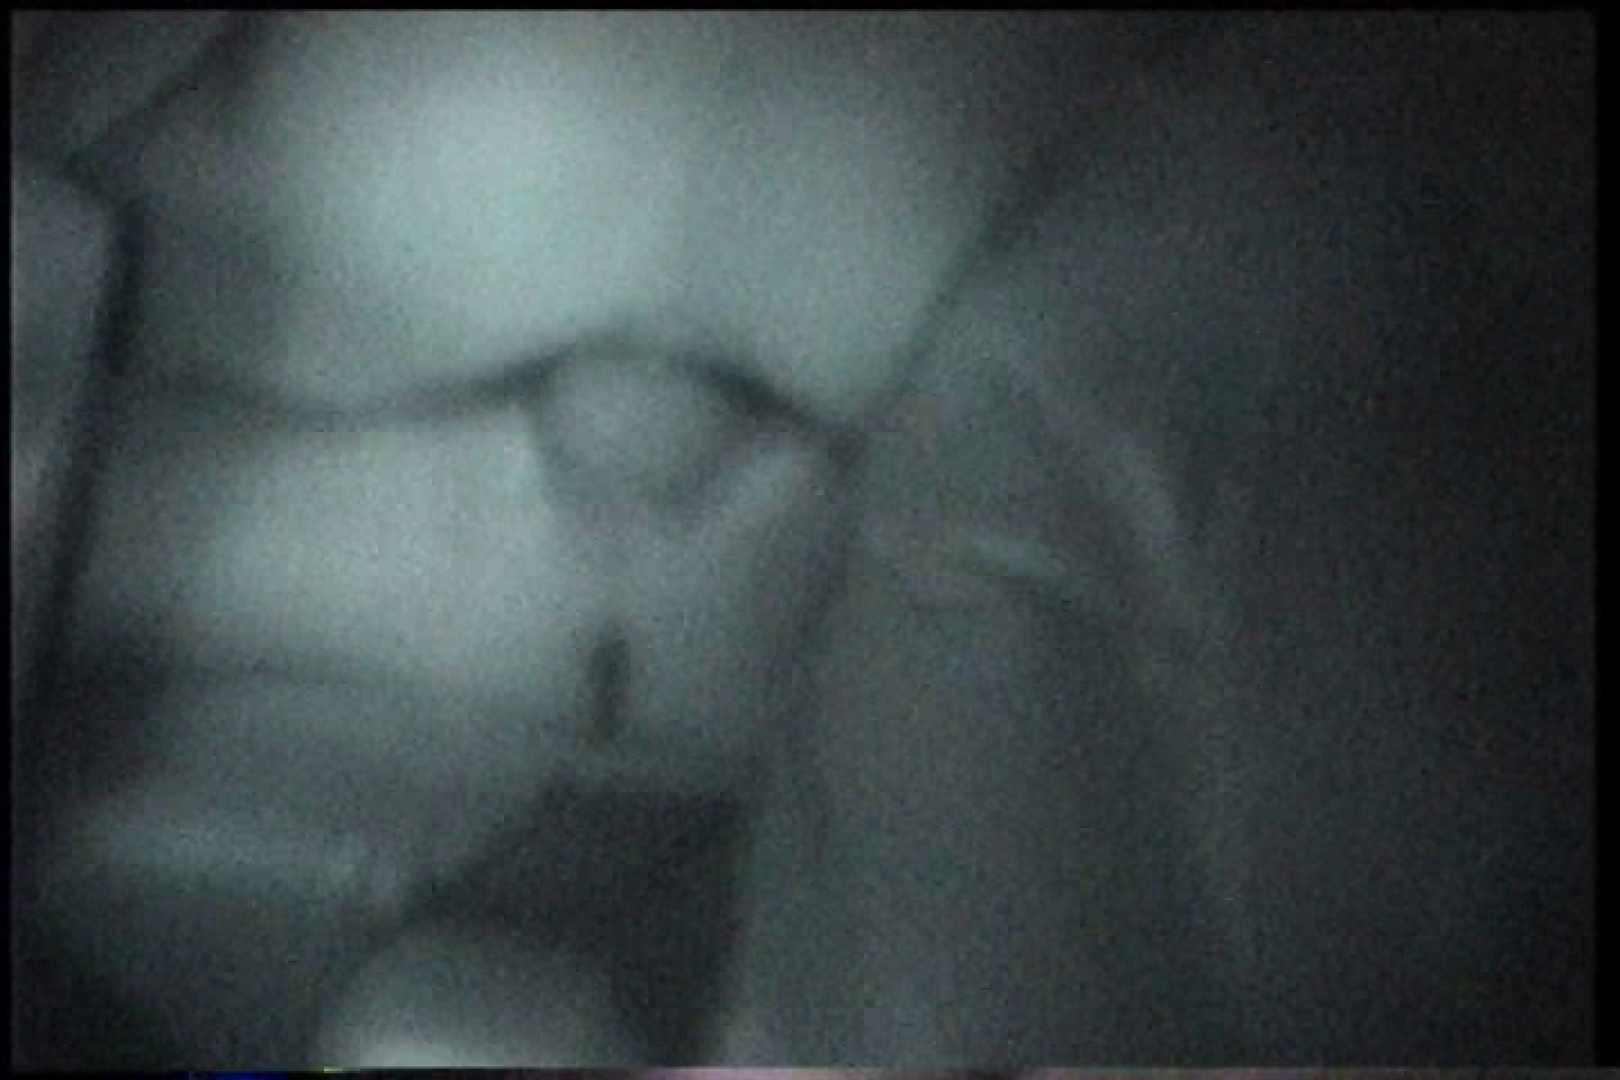 充血監督の深夜の運動会Vol.240 OLエロ画像 | 0  62PICs 9